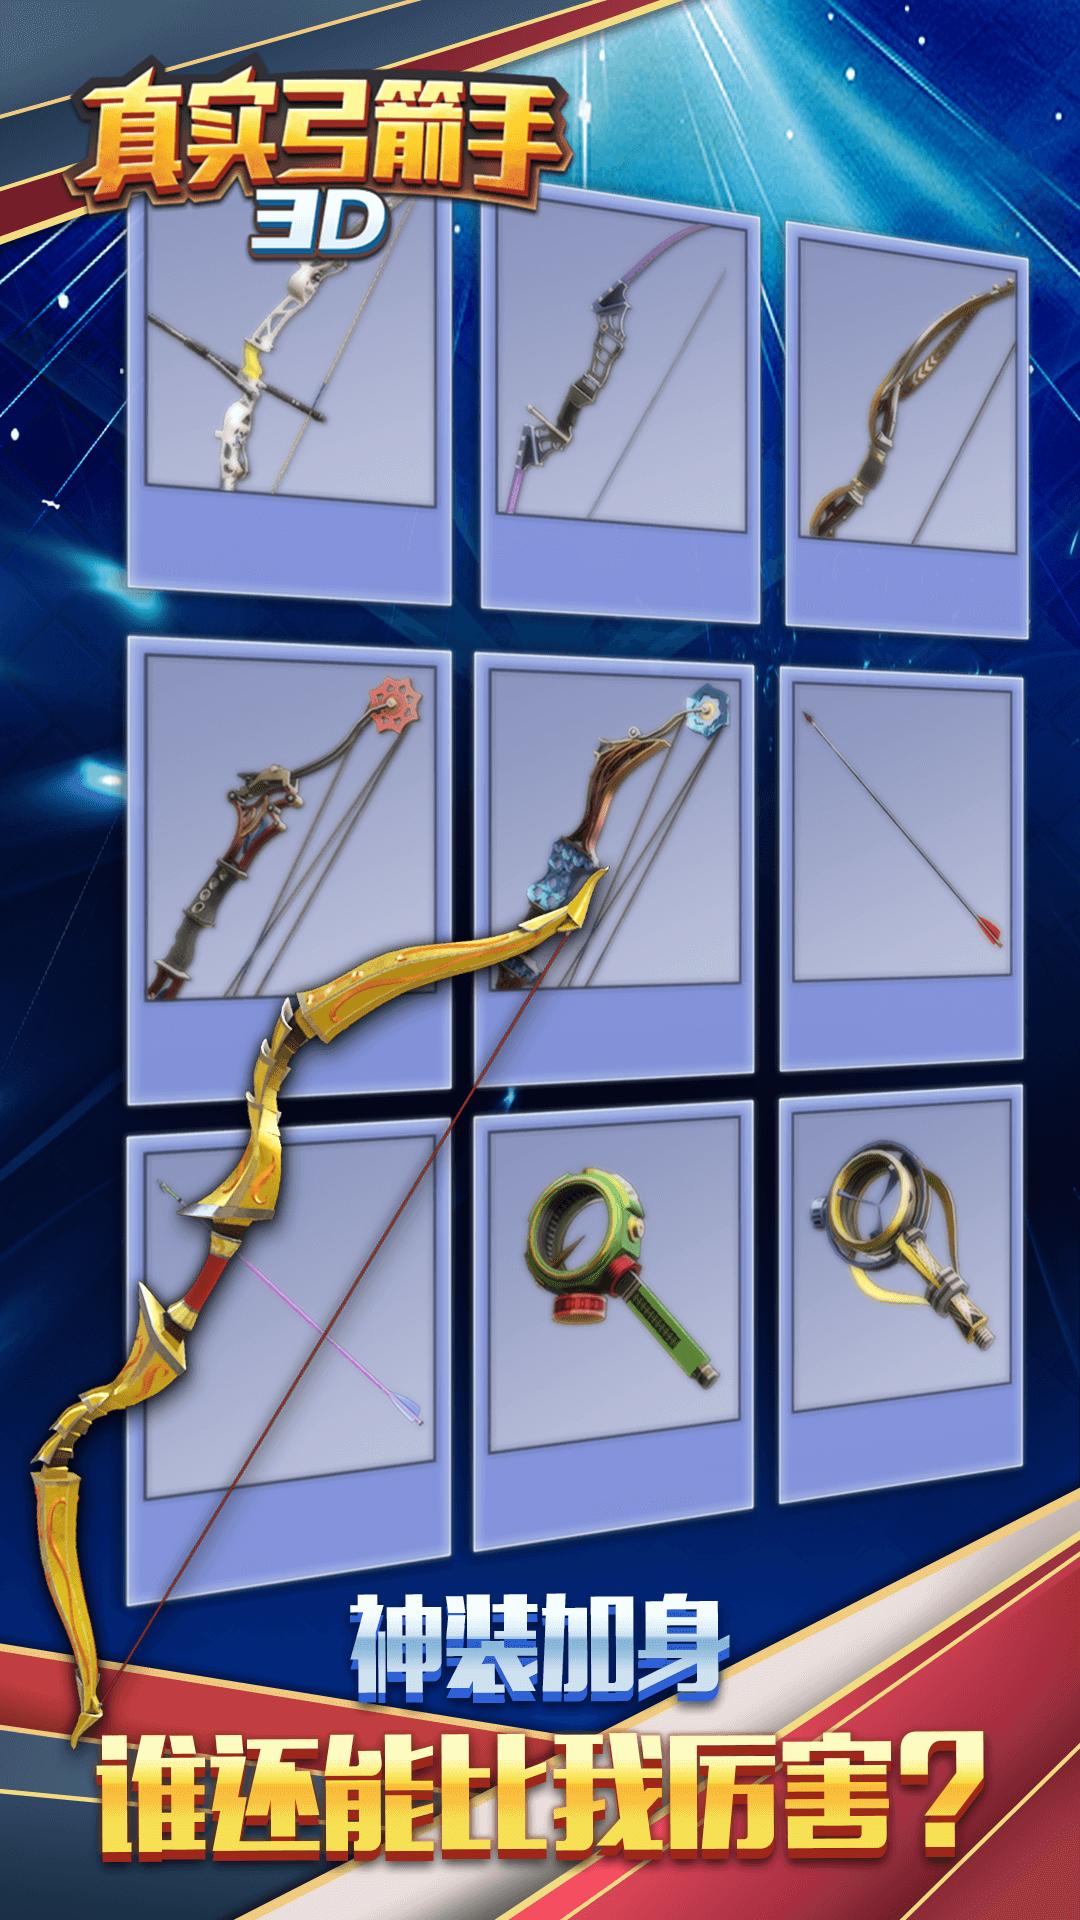 真实弓箭手3Dv1.0.0 官方版